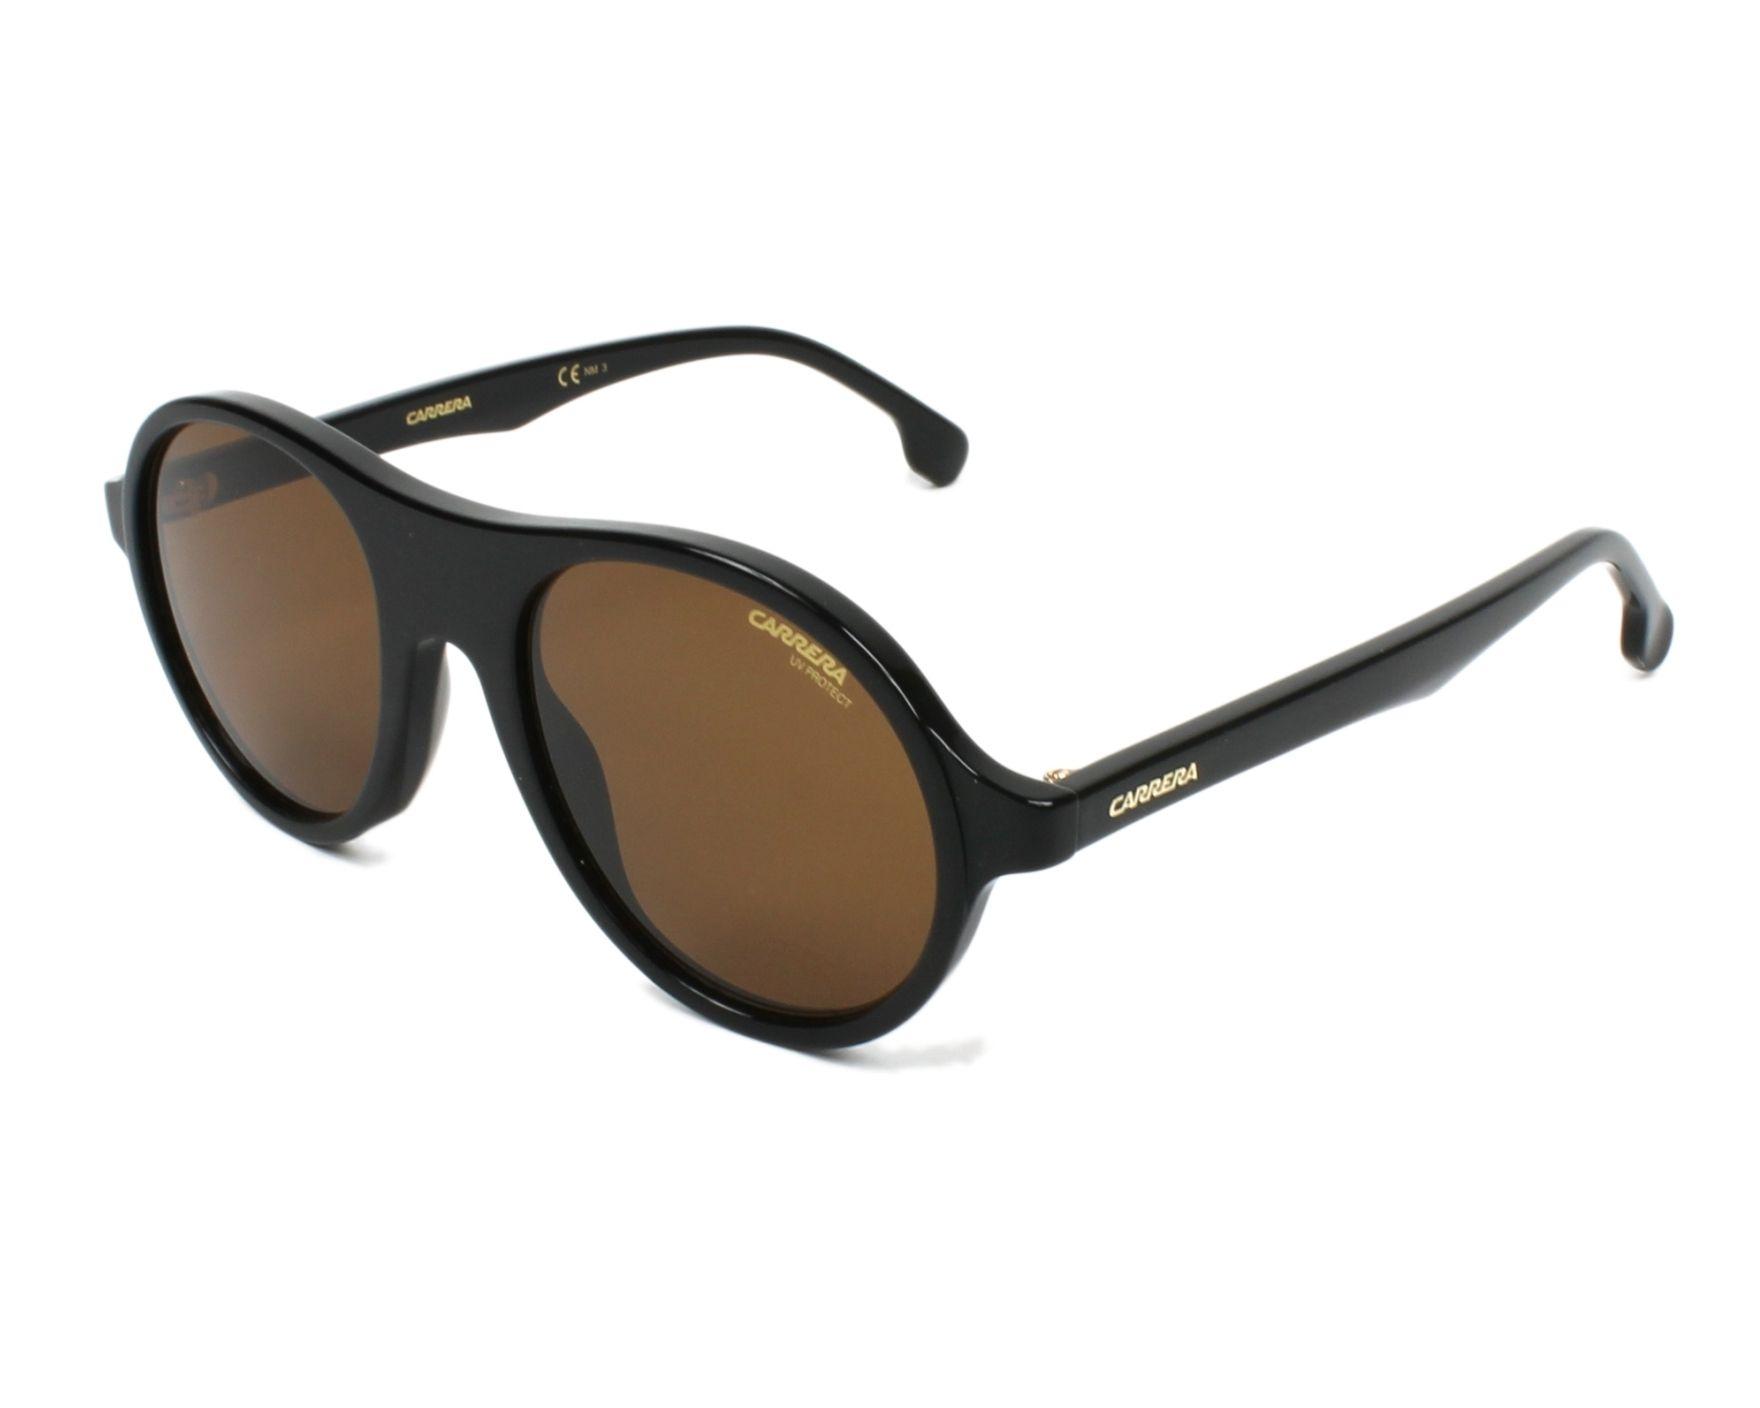 Carrera Eyewear Sonnenbrille » CARRERA 142/S«, schwarz, 807/70 - schwarz